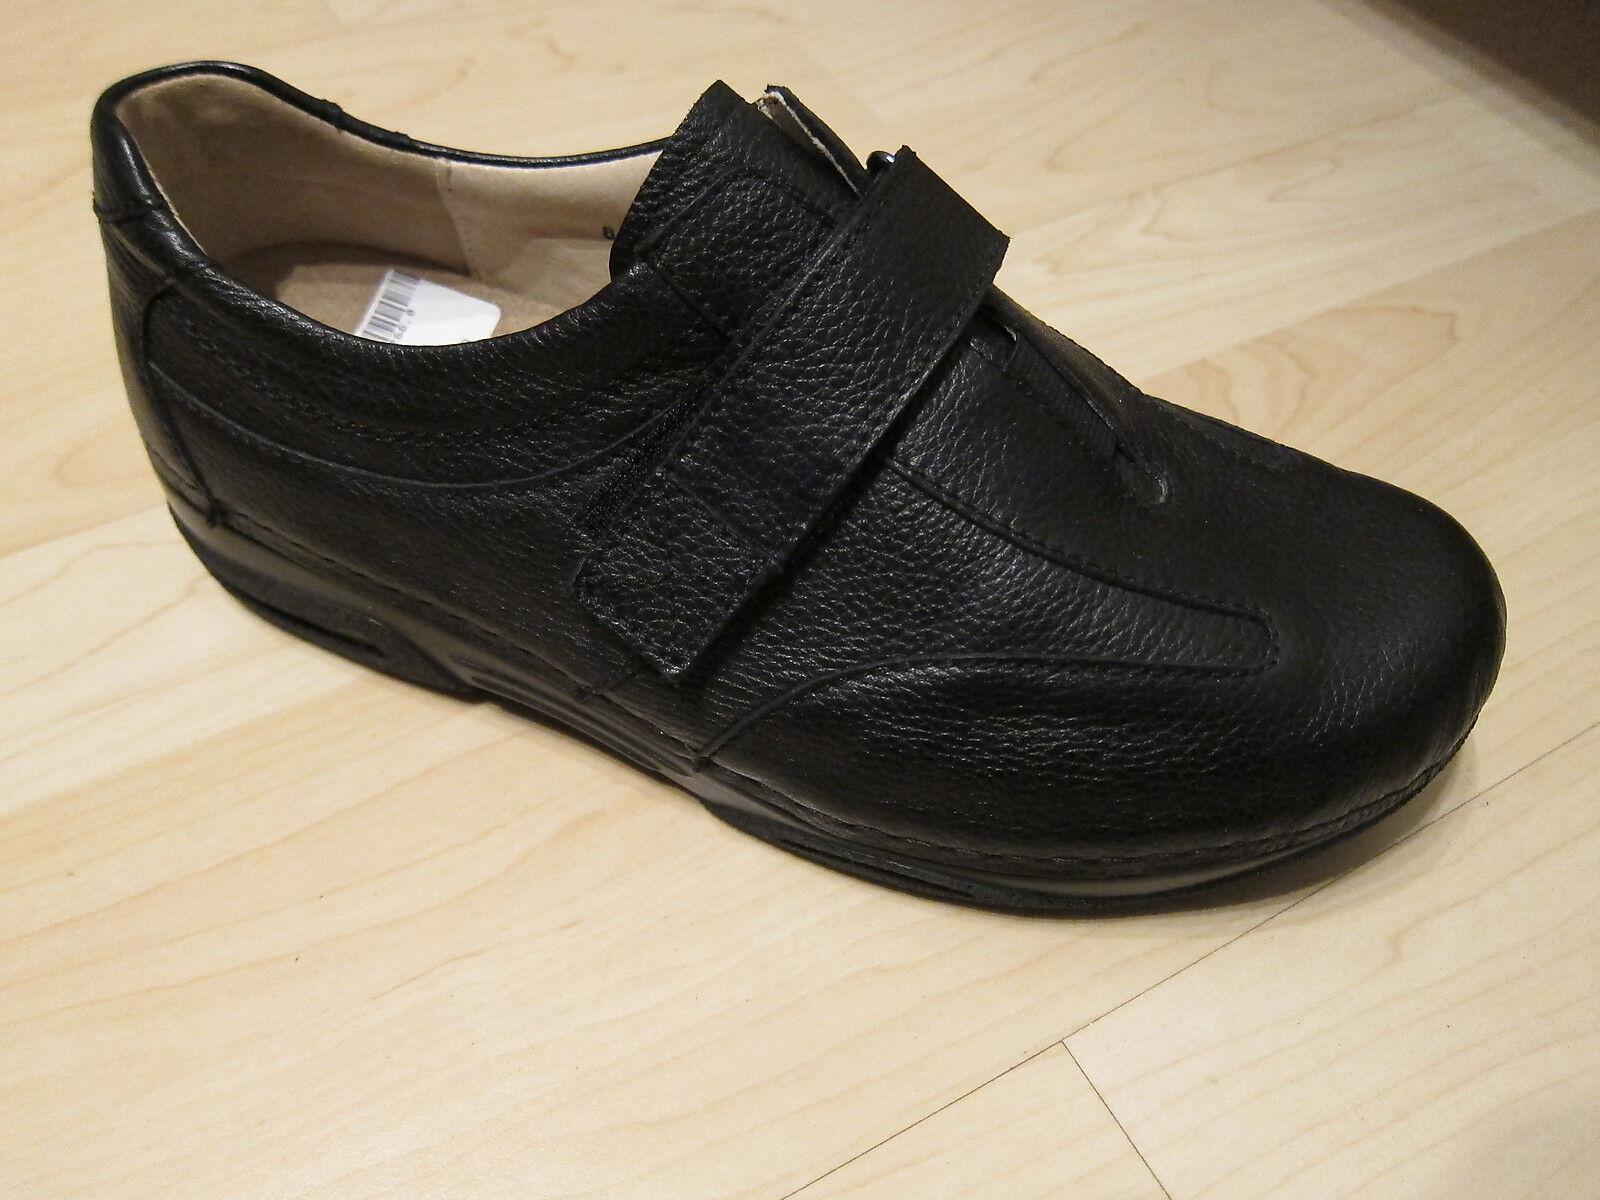 BERKEMANN Jacky Damen Fußbett Halbschuhe loses Fußbett Damen  Gr.6,0 #1194# c01950